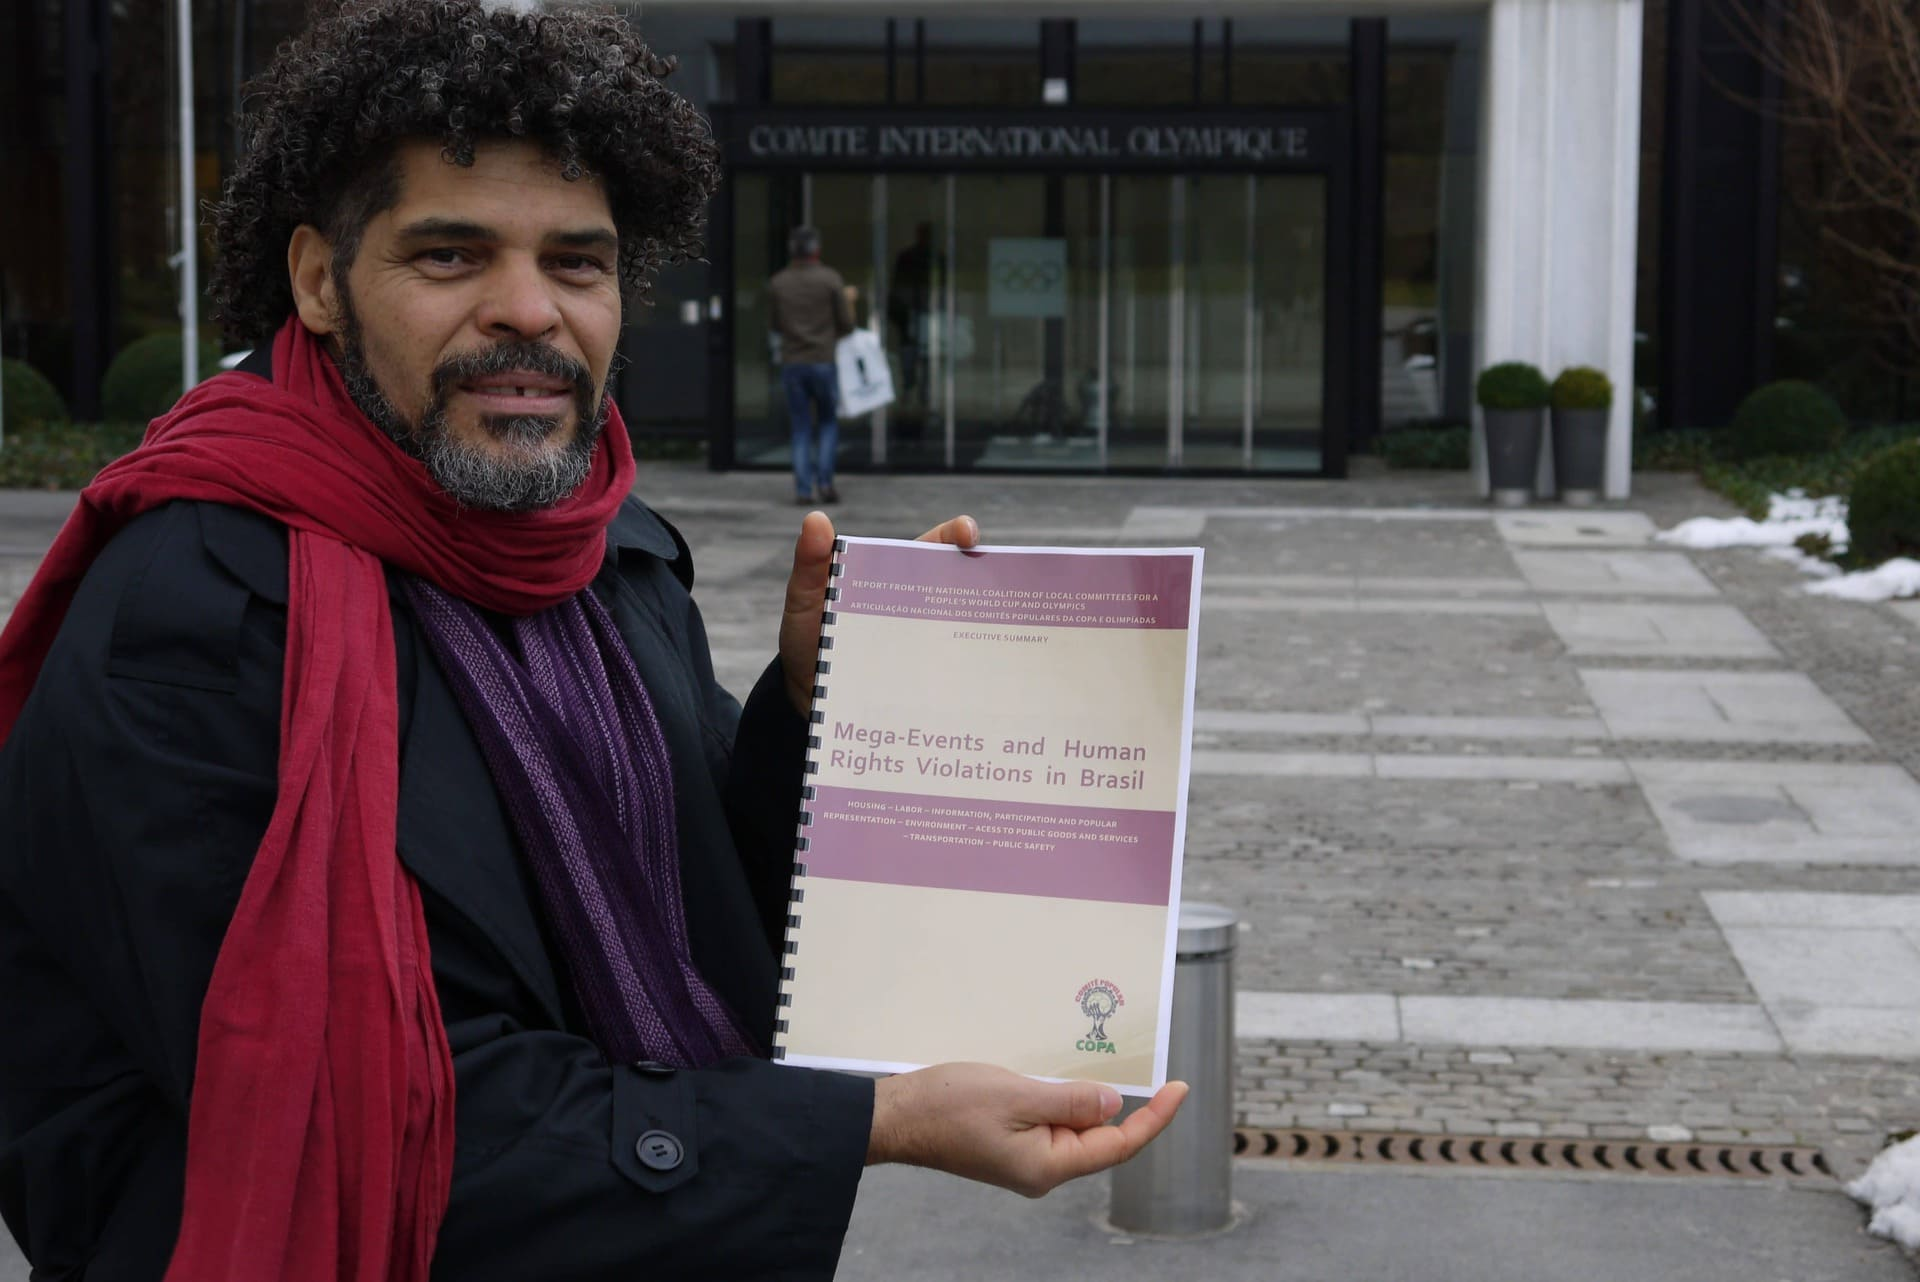 Argemiro vor dem Eingang zum Internationalen Olympischen Komitee. Er hält einen Bericht mit dem Titel: Mega-Events and Human Rights Violations in Brasil.